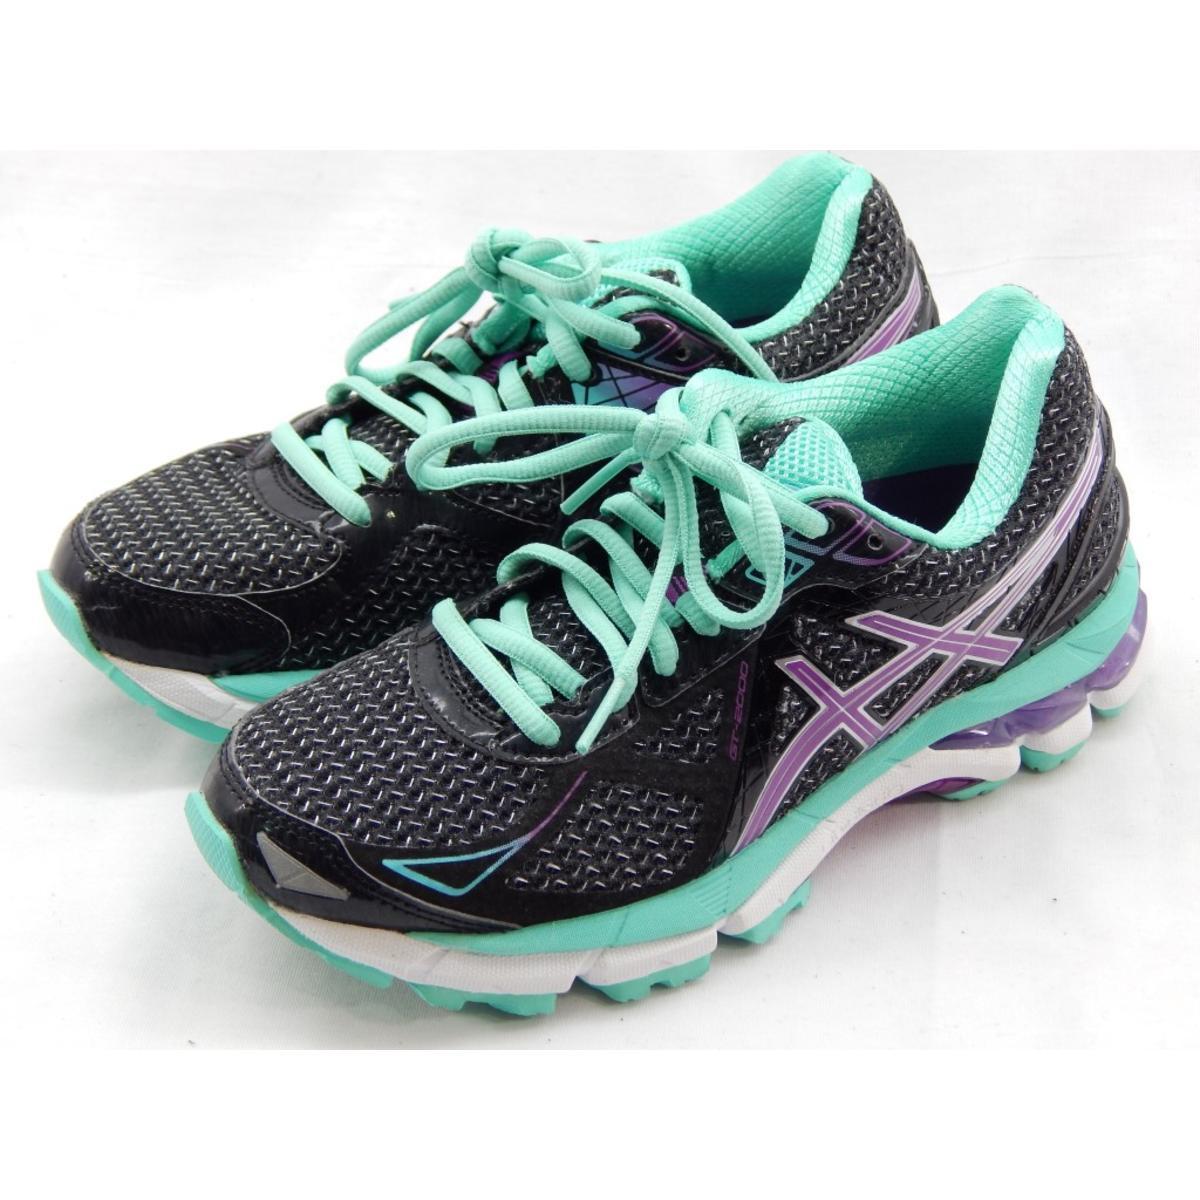 asics gt 2000 3 womens running shoes online -